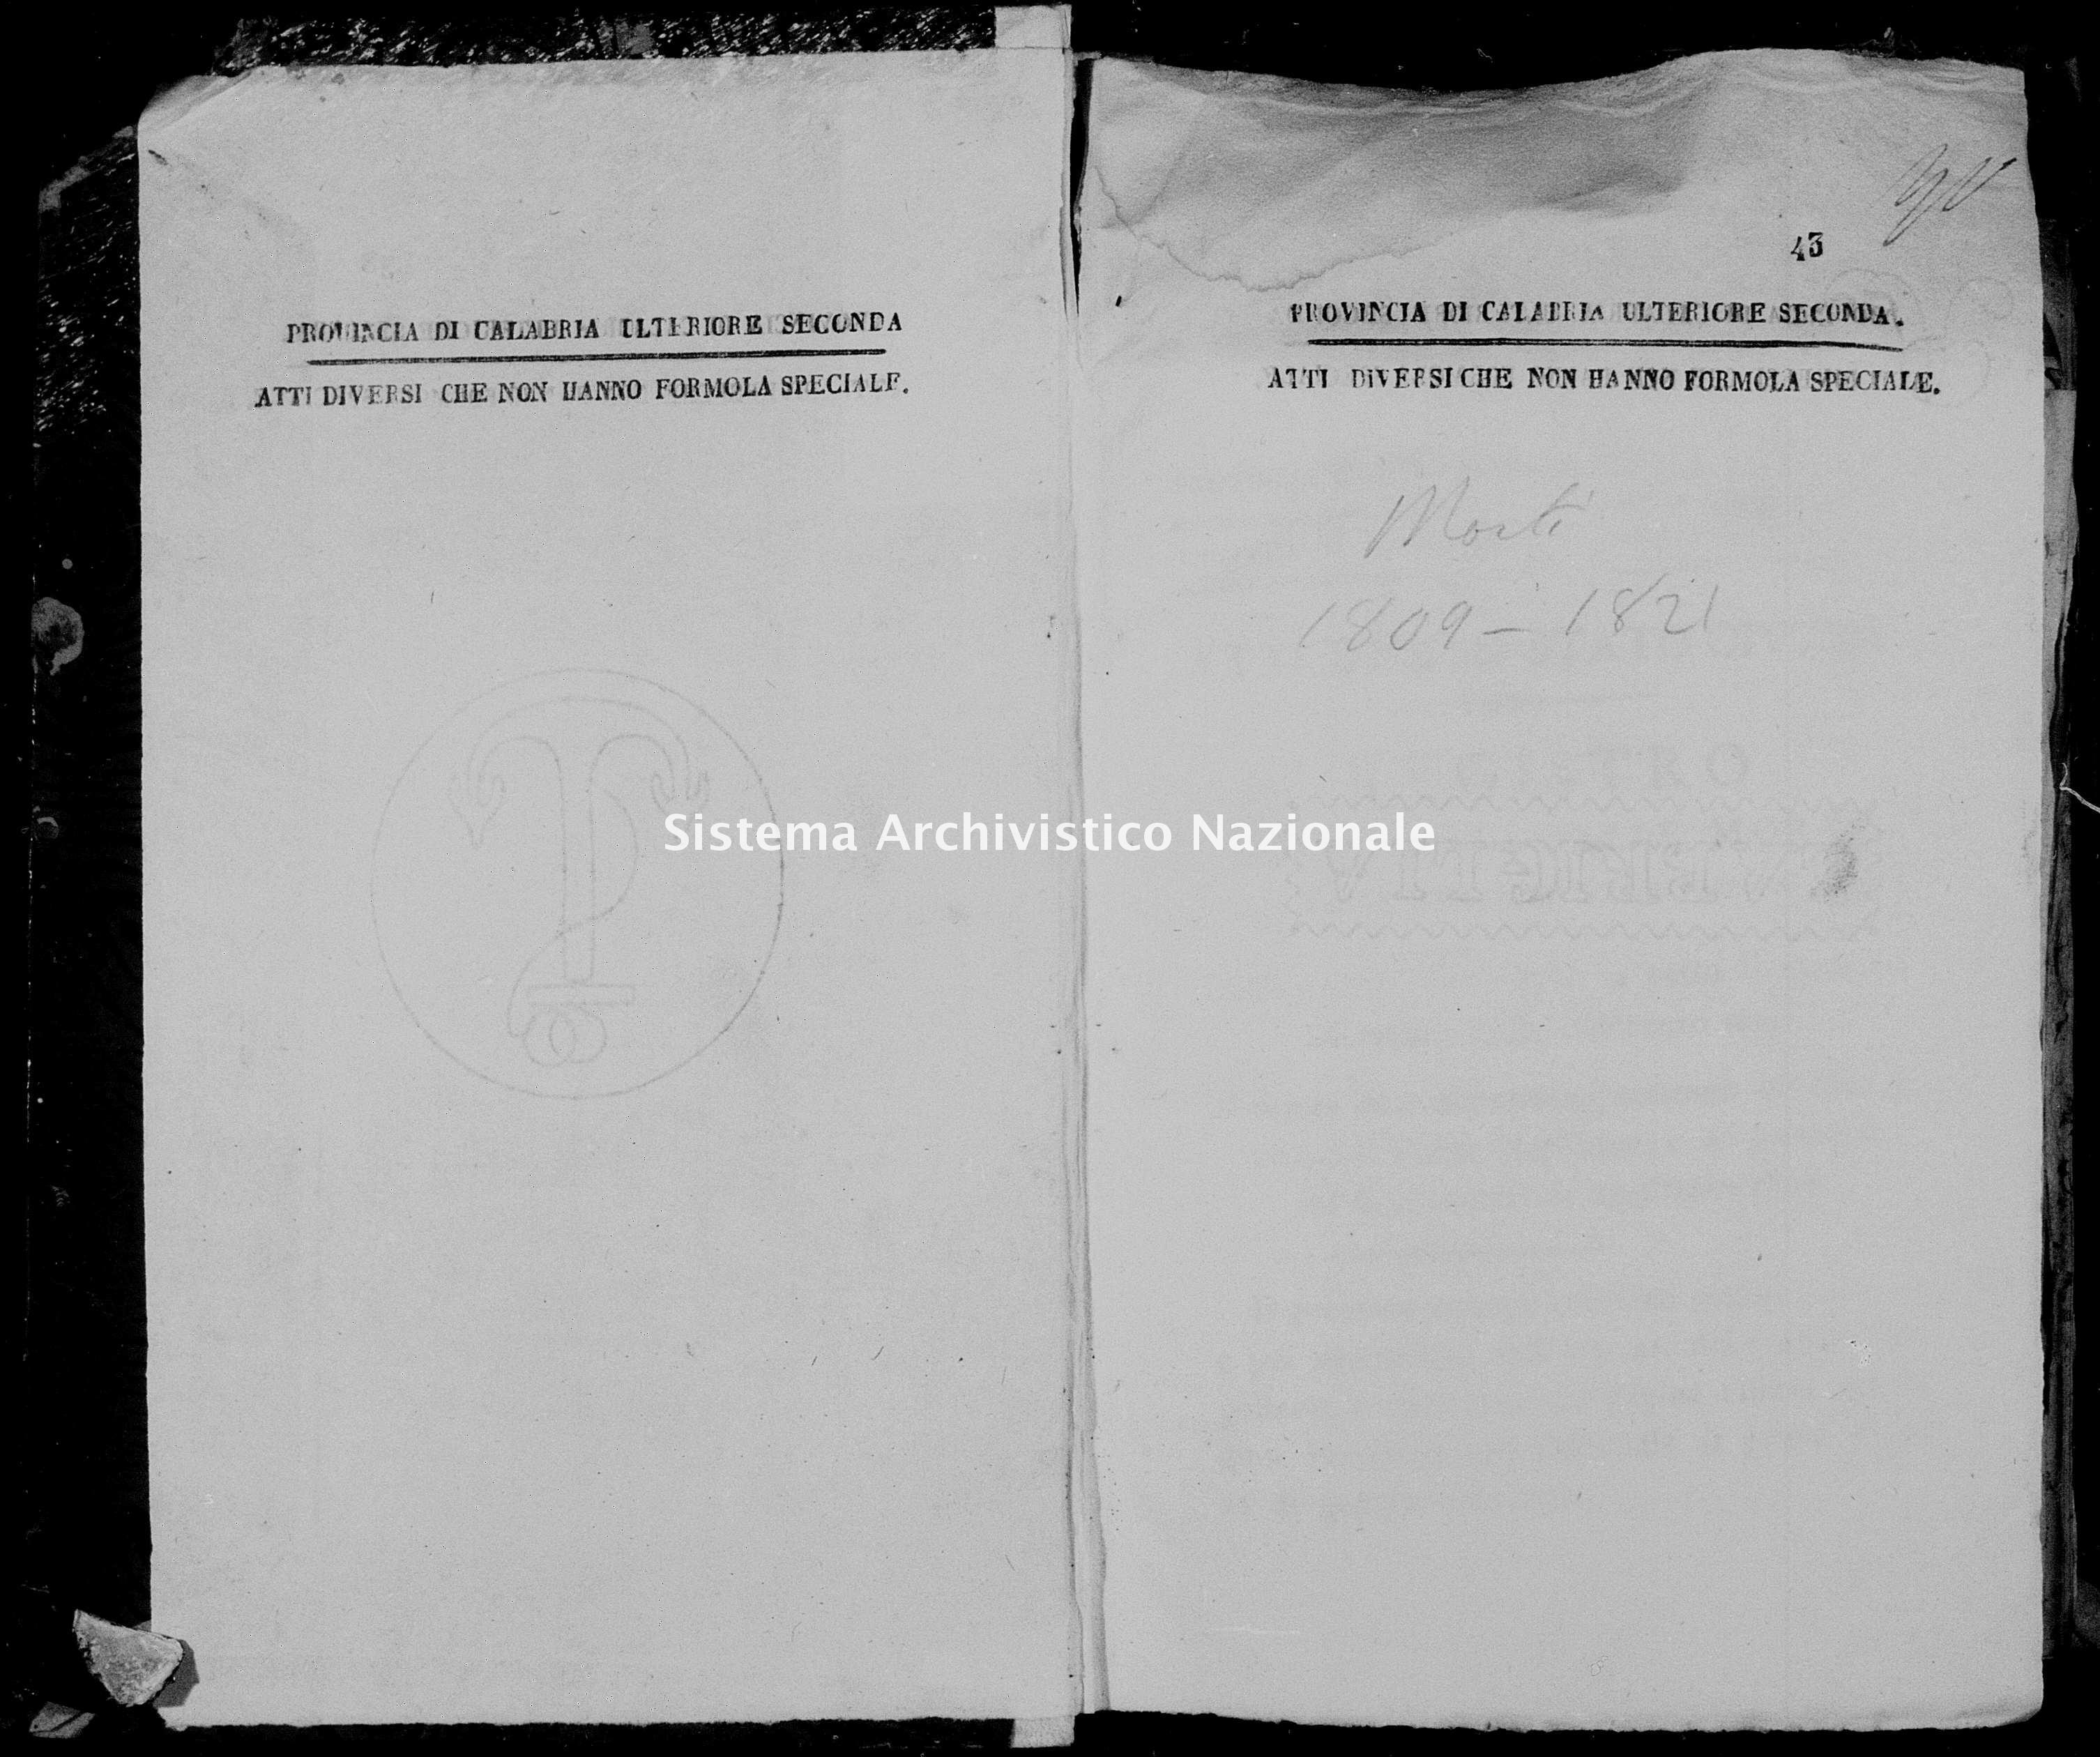 Archivio di stato di Catanzaro - Stato civile napoleonico - Chiaravalle - Morti - 1809 -